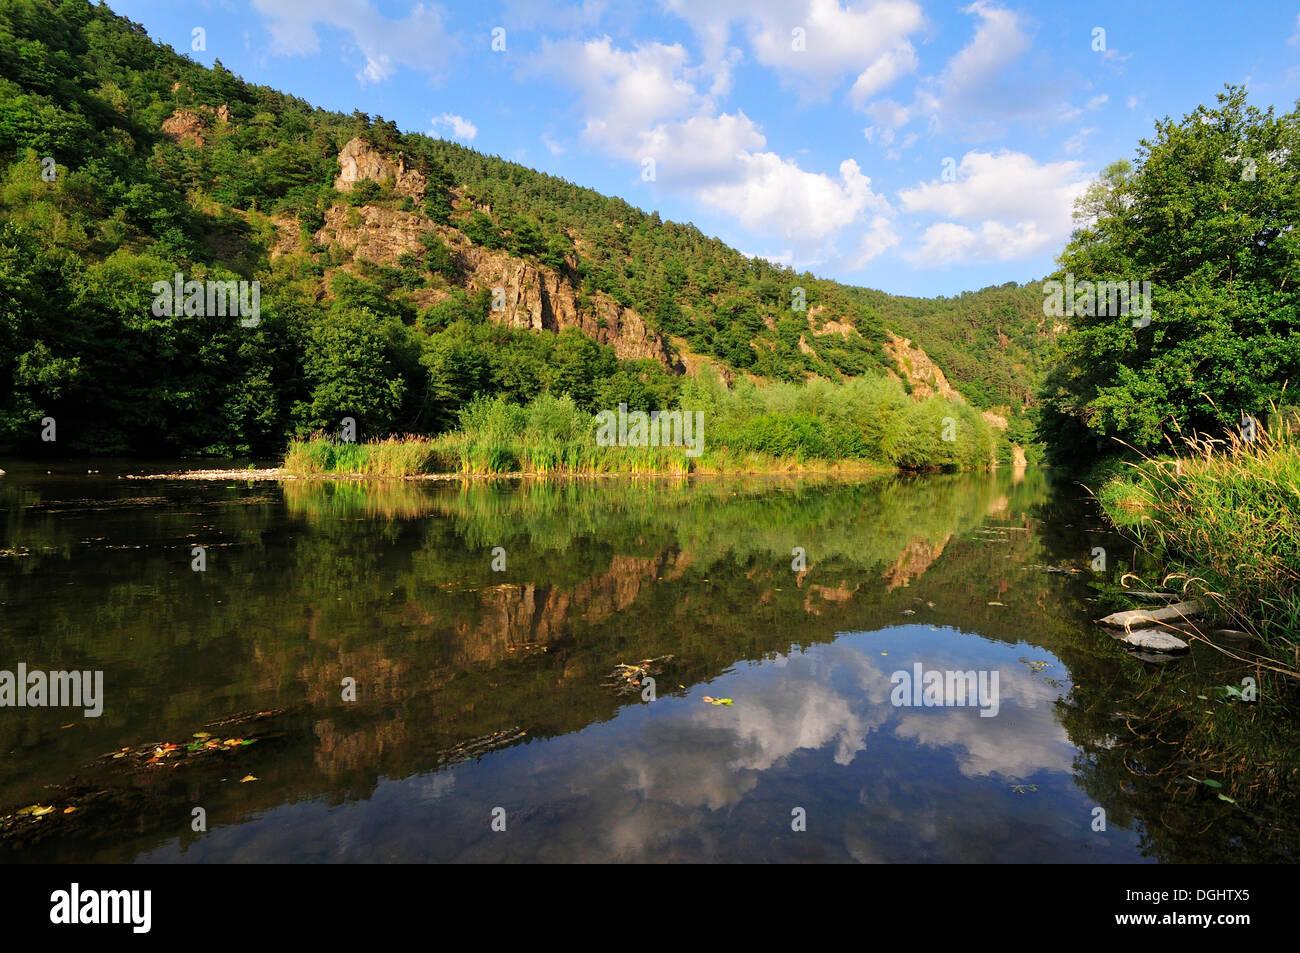 Reflections in the calm waters of the upper Loire River, Gorge de la Loire, Haute-Loire department, Auvergne, France - Stock Image